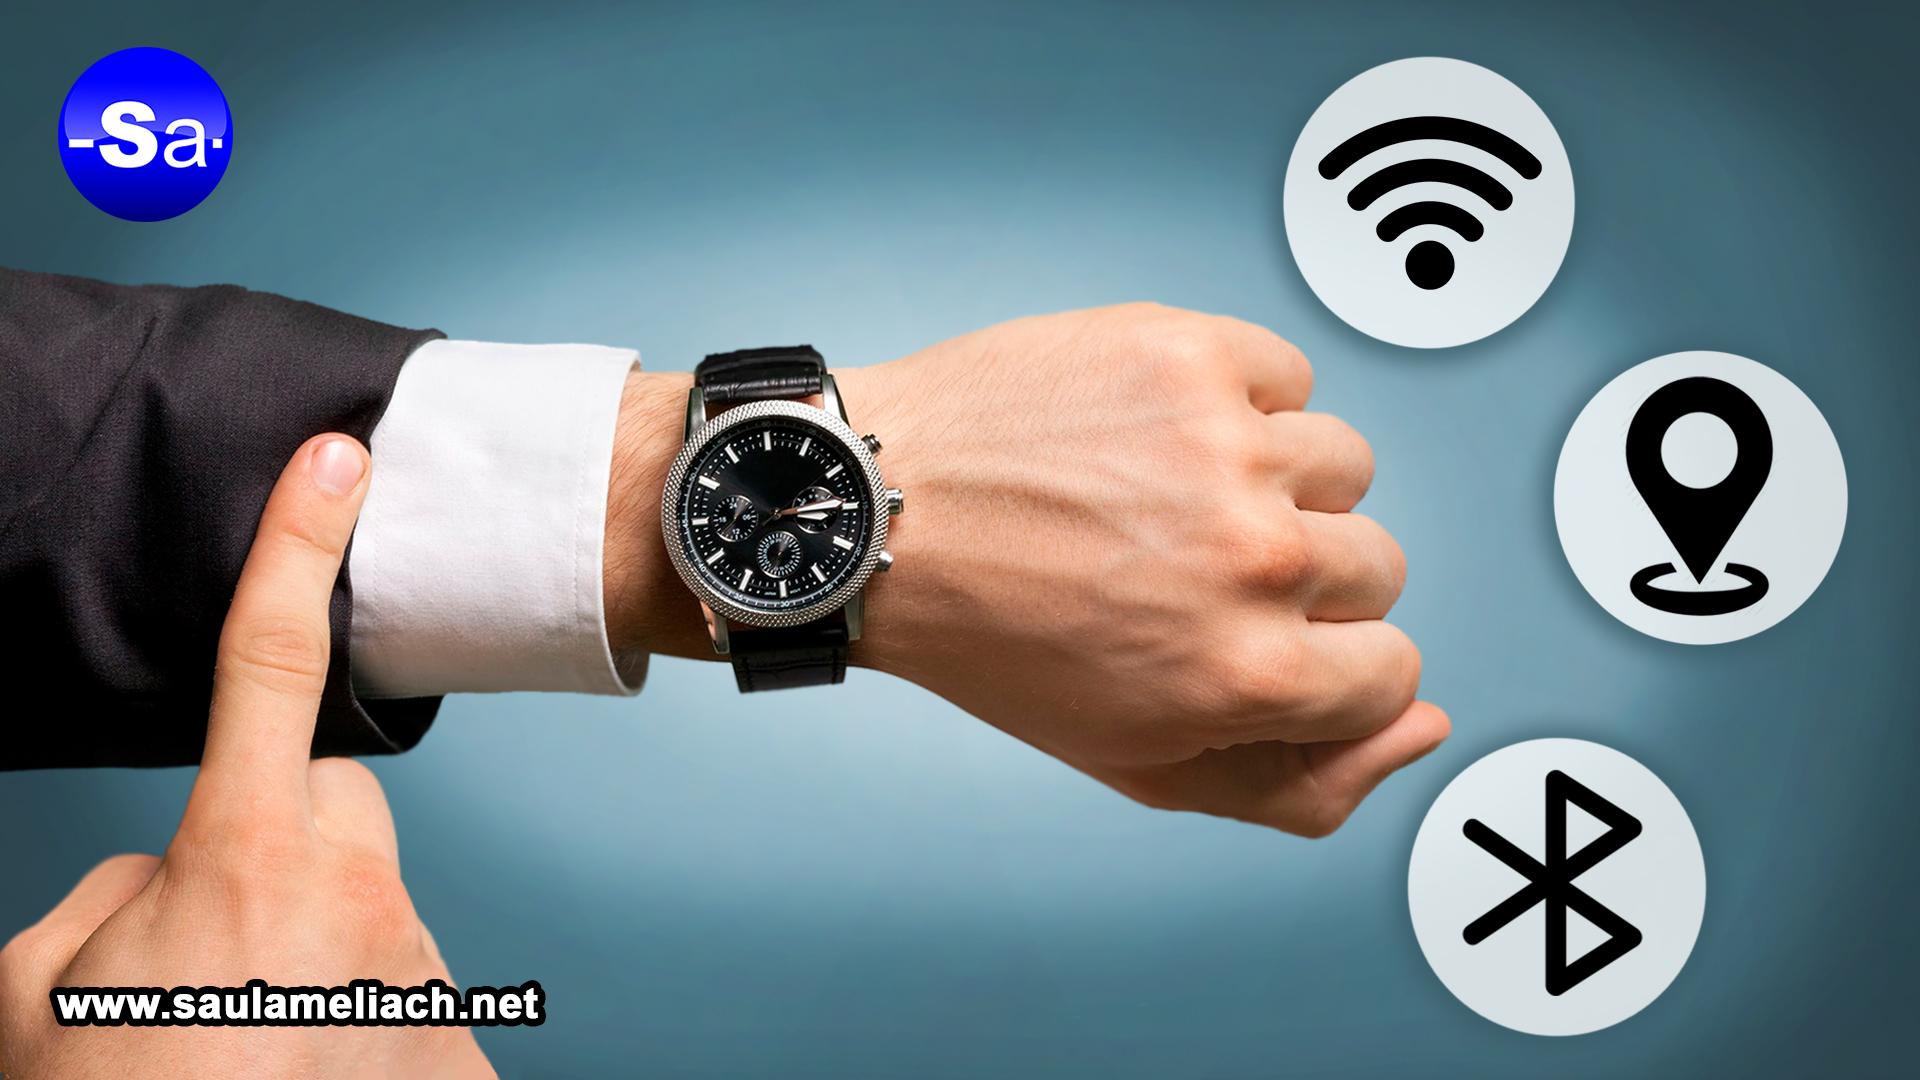 Saul Ameliach - Relojes Híbridos. La mezcla entre tecnológico y analógico